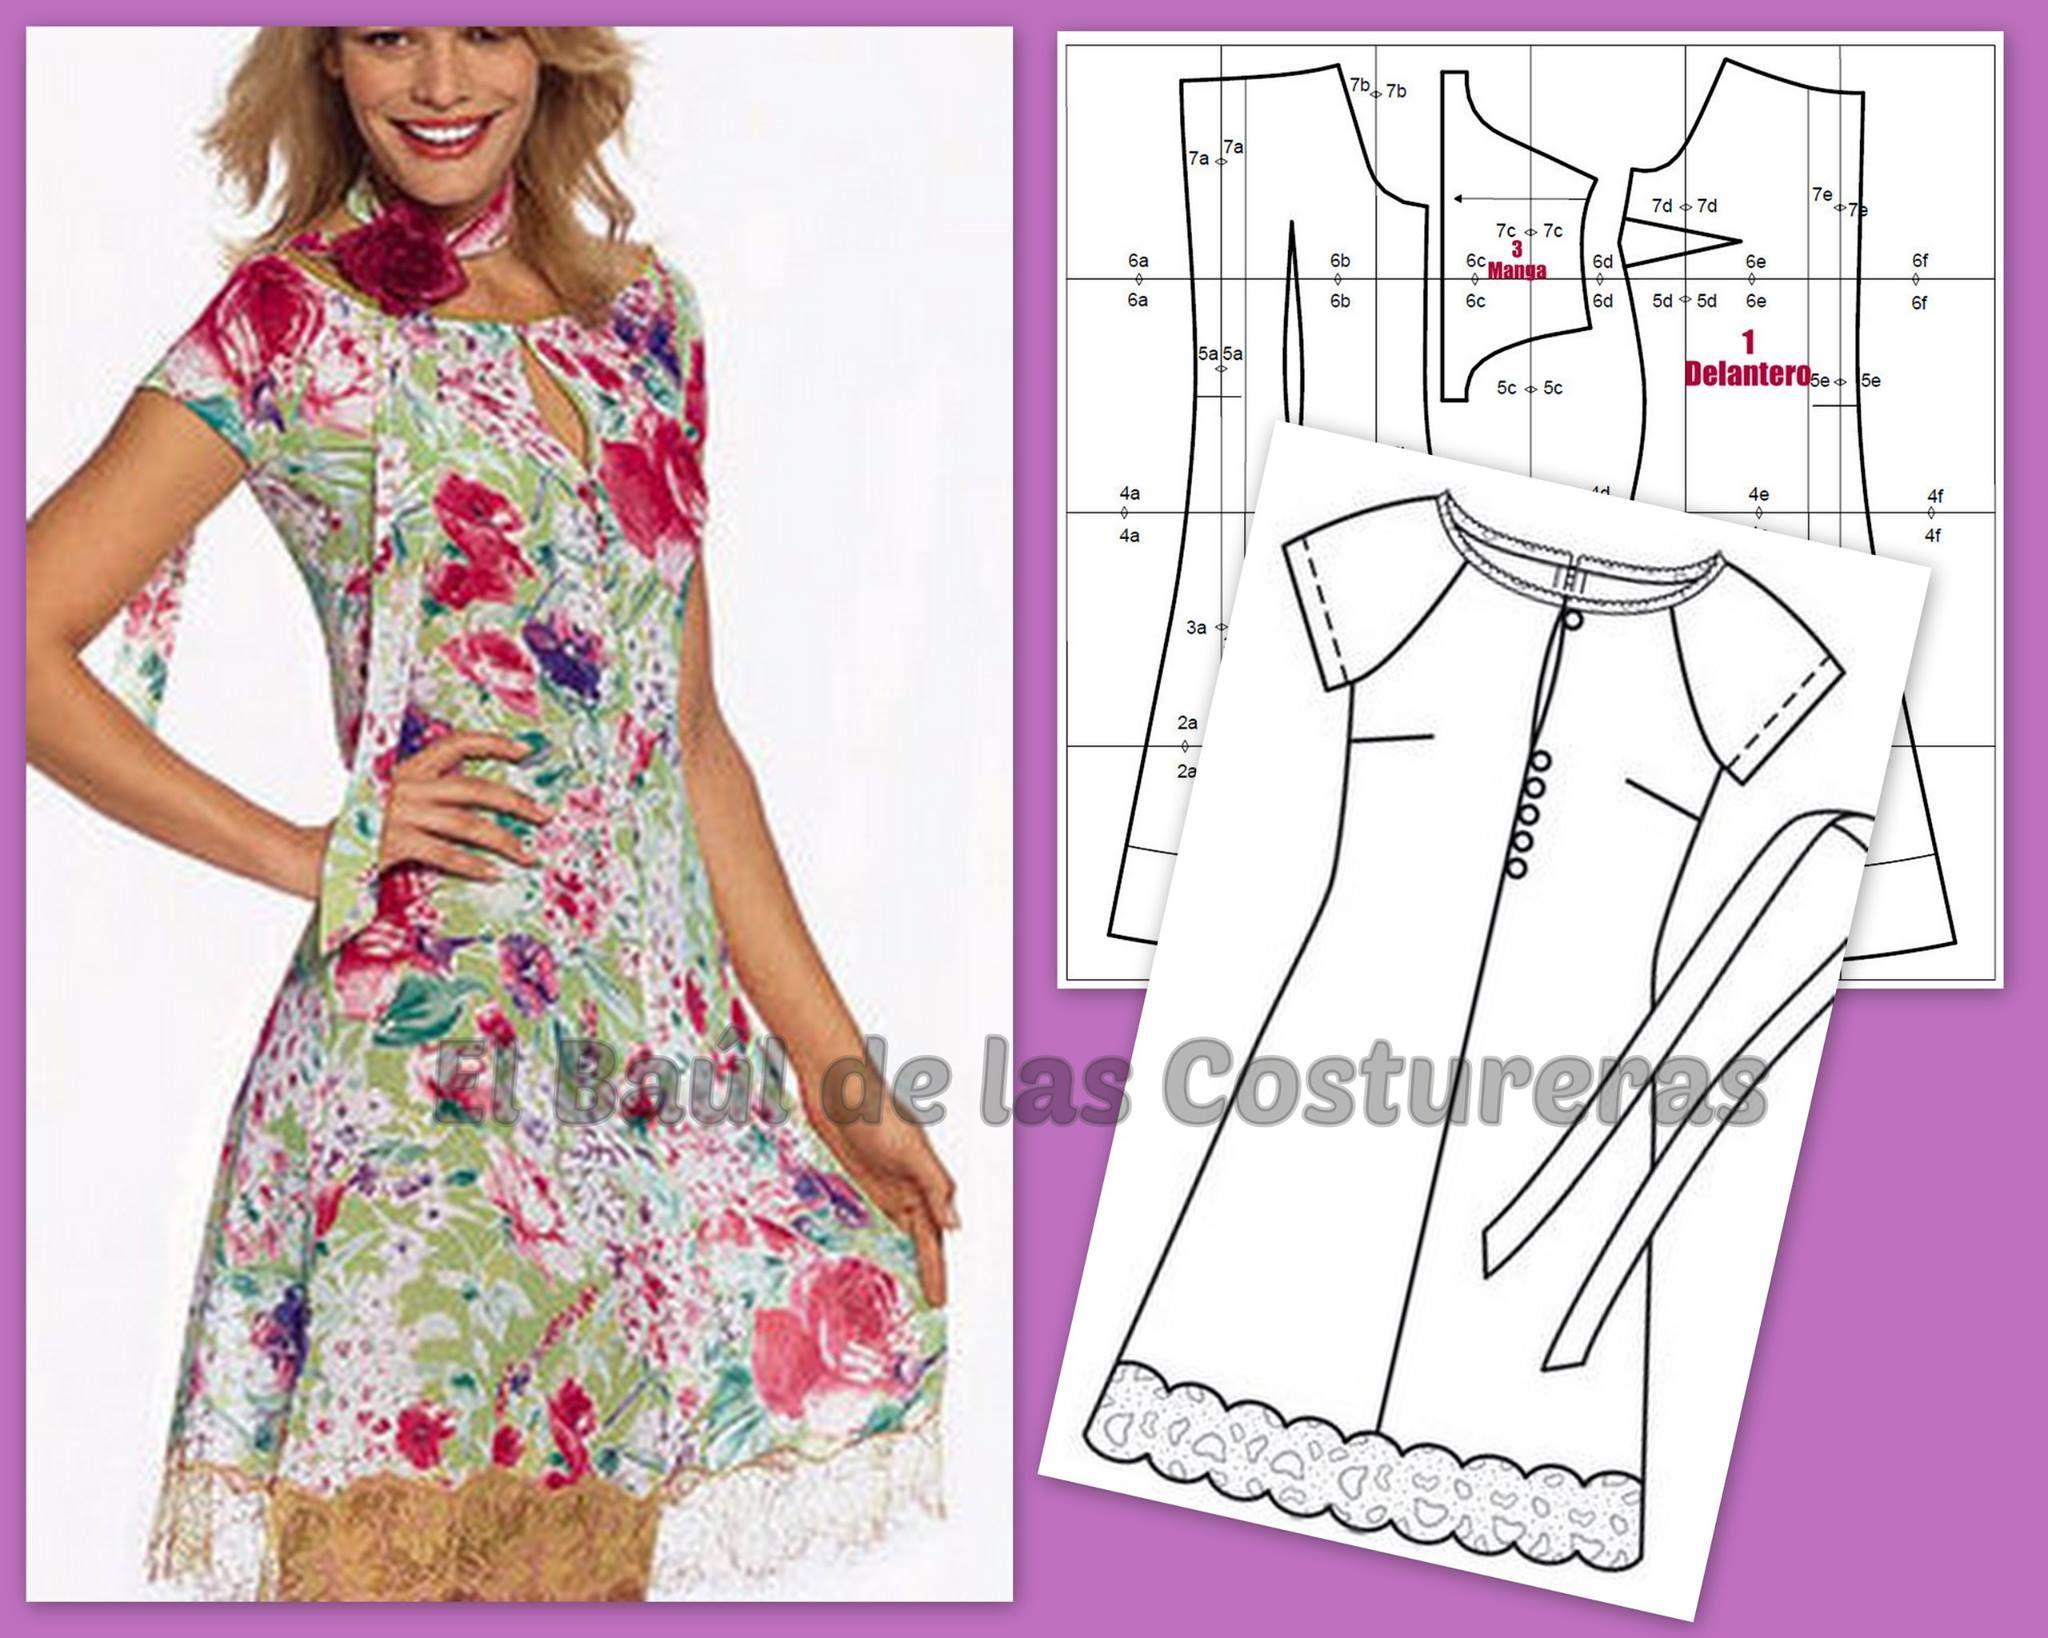 Patrón gratis Vestido 127 Burda, transformado en Blusa | Boceto ...